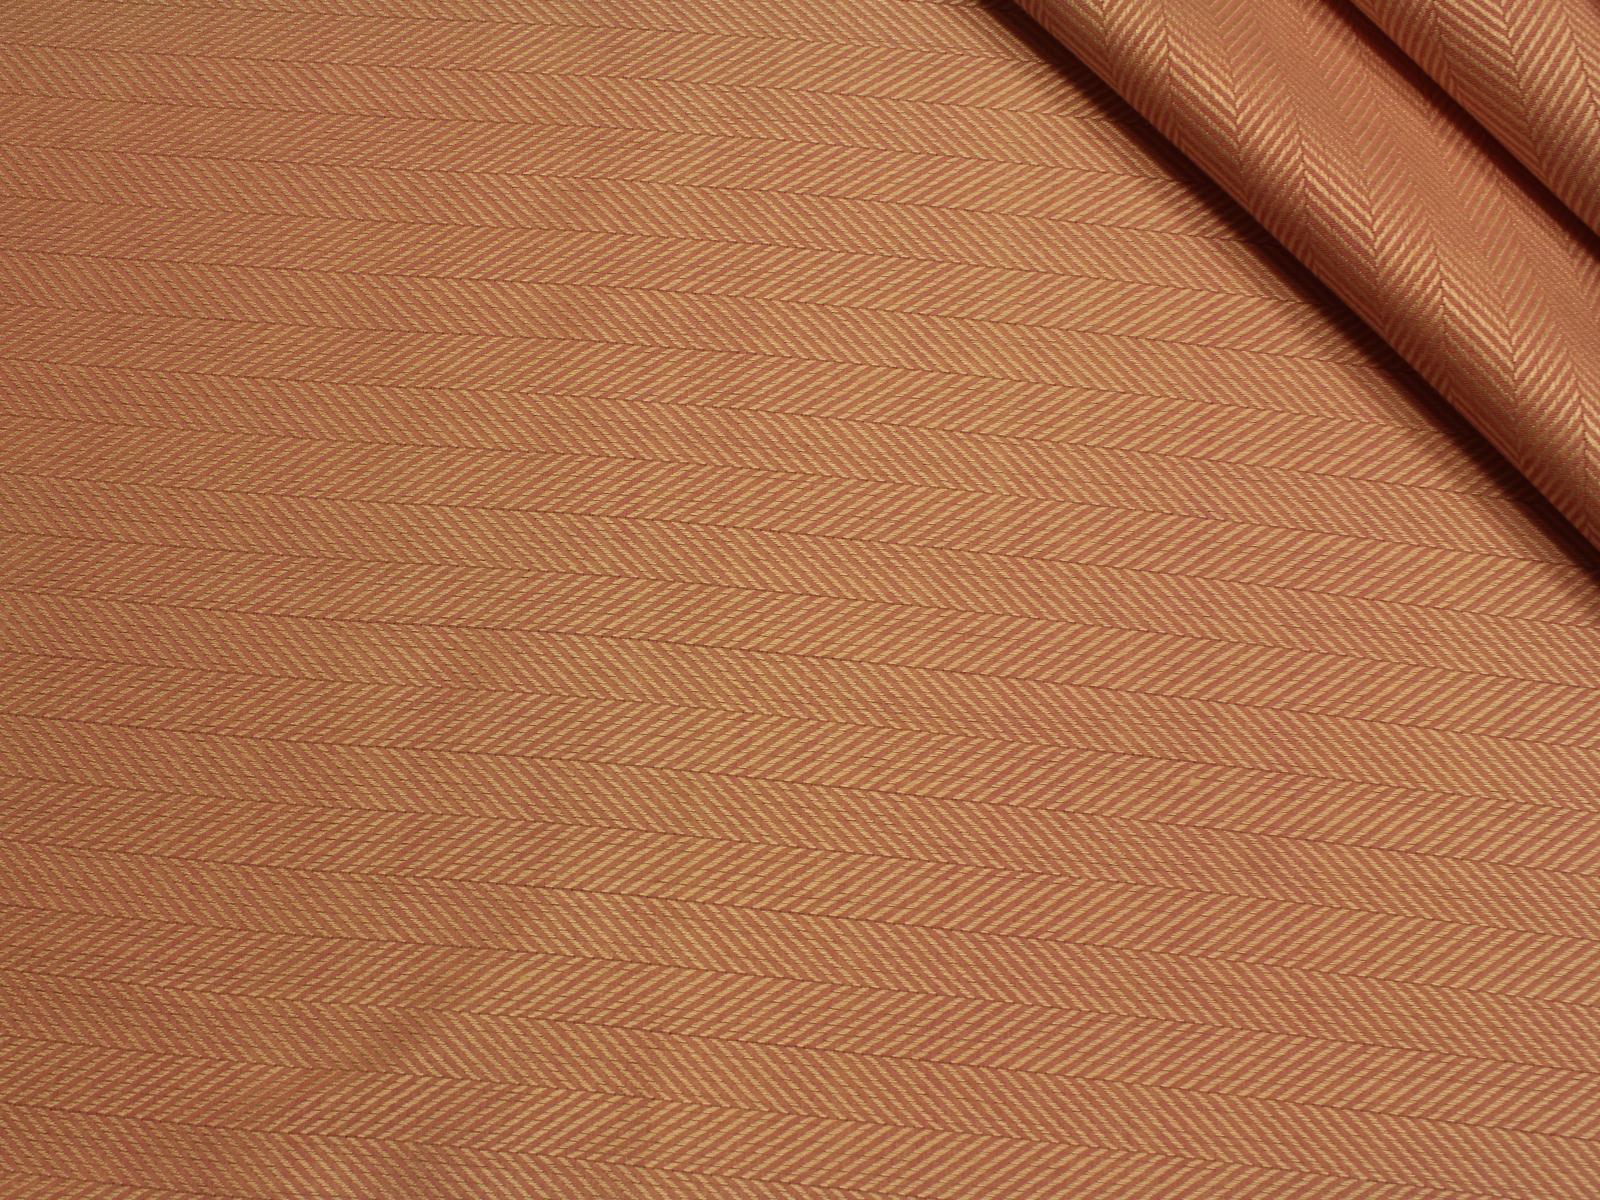 00432 Spinato ROSA   taglio ESAURITO